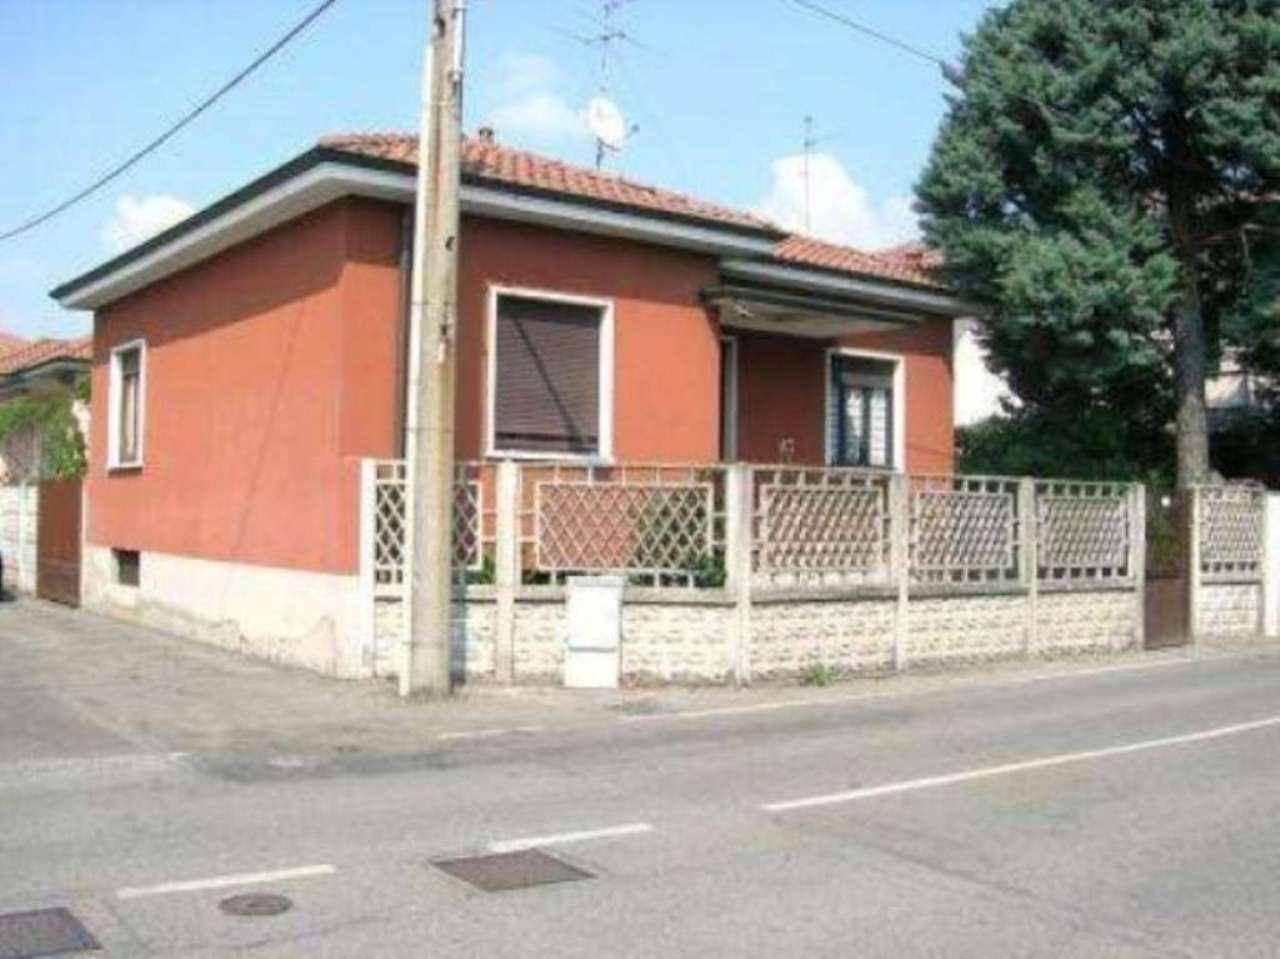 Villa in vendita a Arluno, 3 locali, prezzo € 189.000 | CambioCasa.it